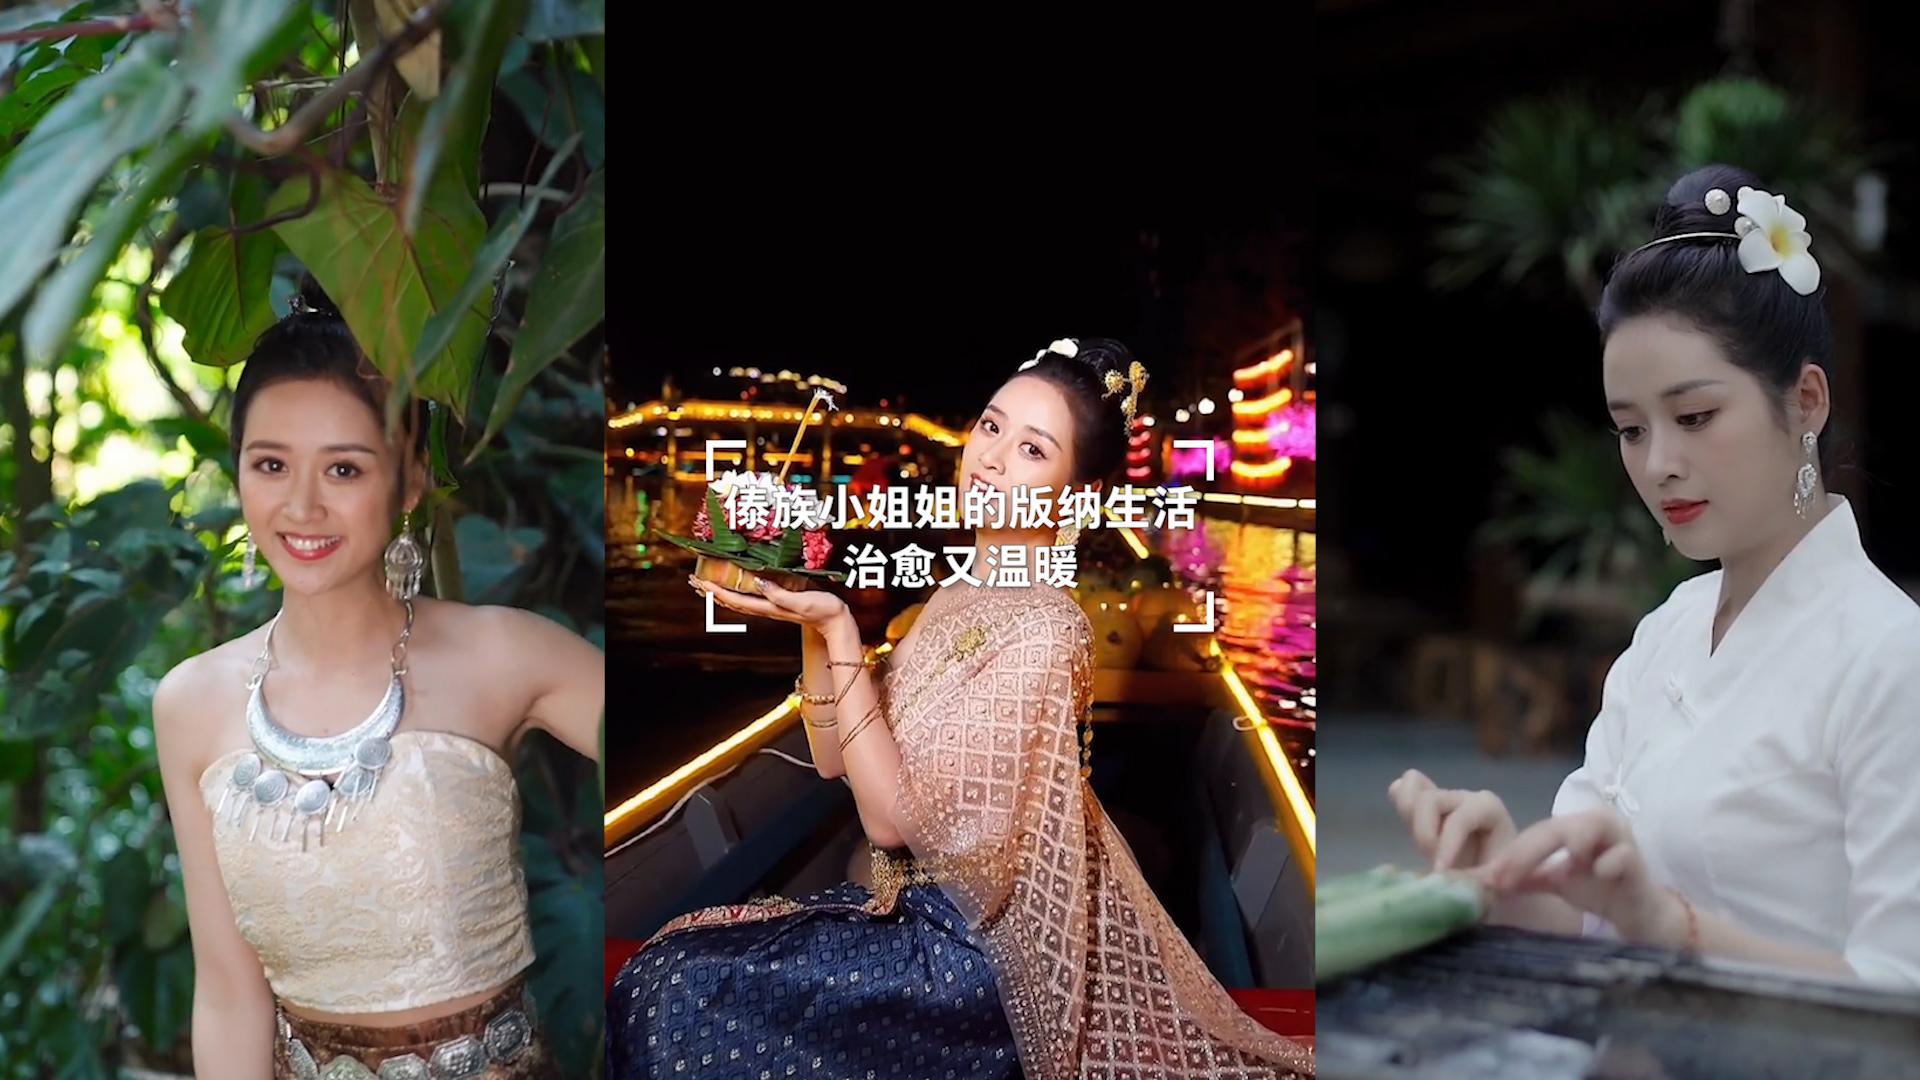 傣族小姐姐的版纳生活,治愈又温暖